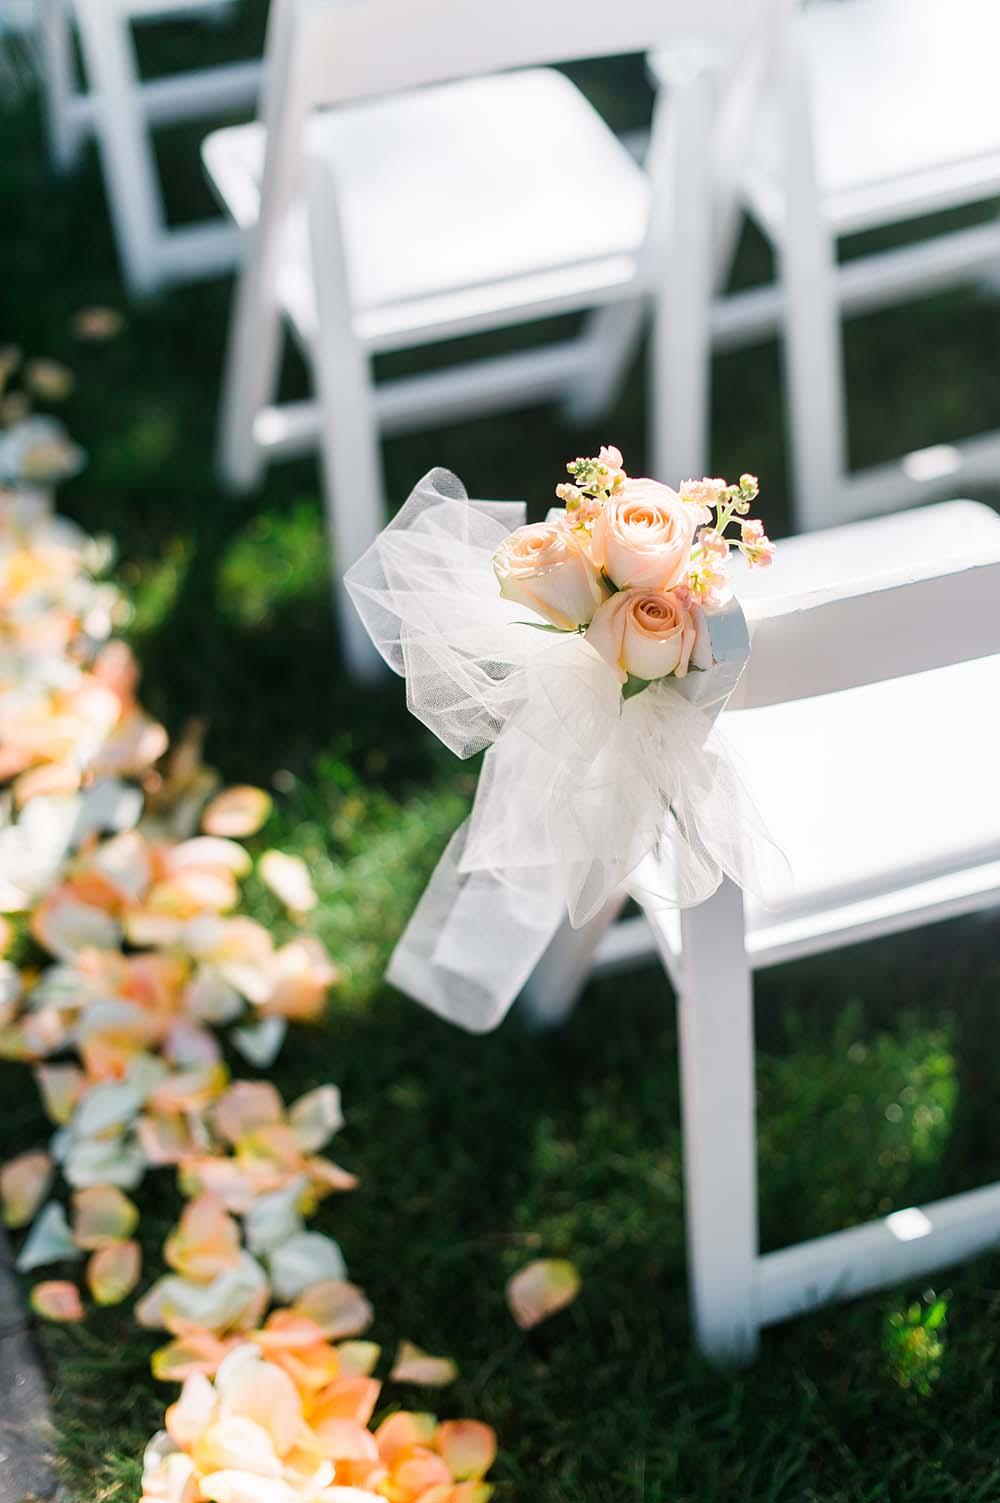 farmington-gardens-wedding-greg-lewis-photography-16